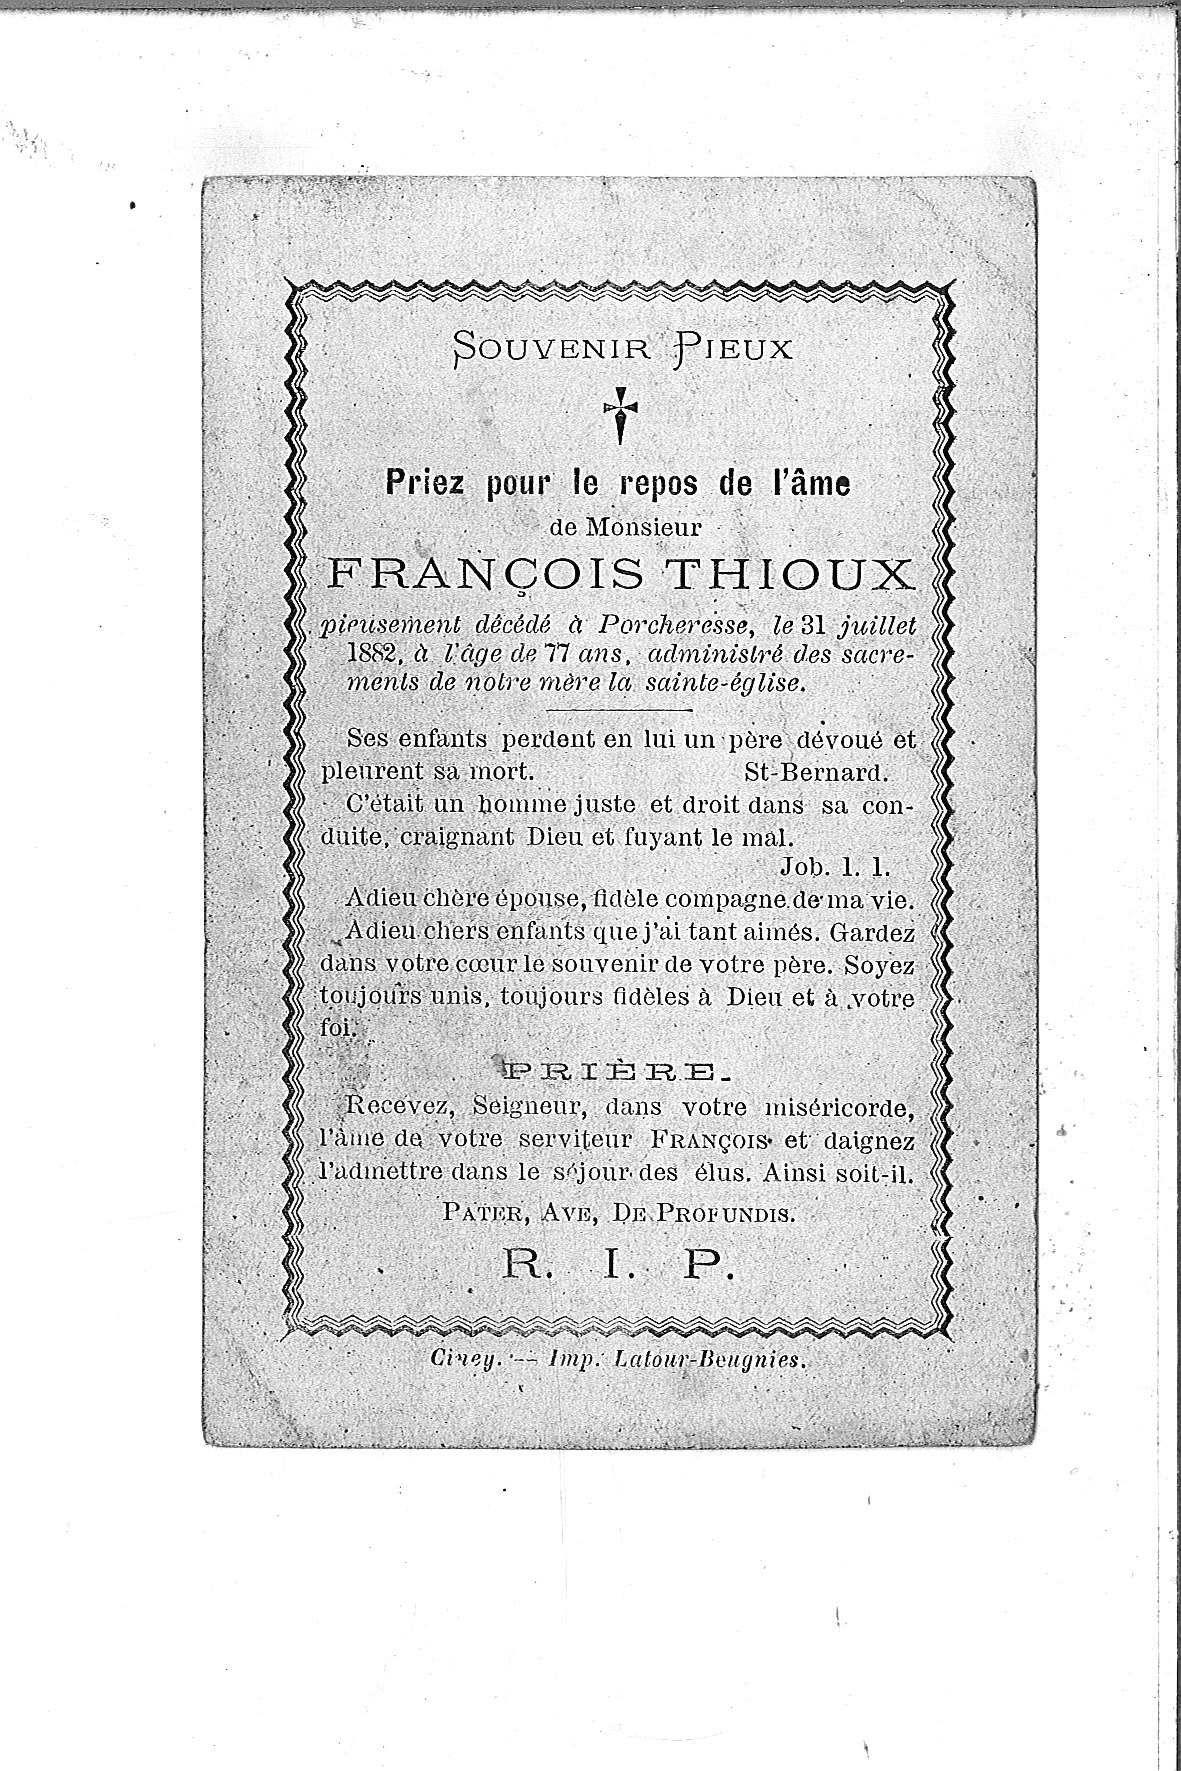 François(1882)20140825083222_00141.jpg